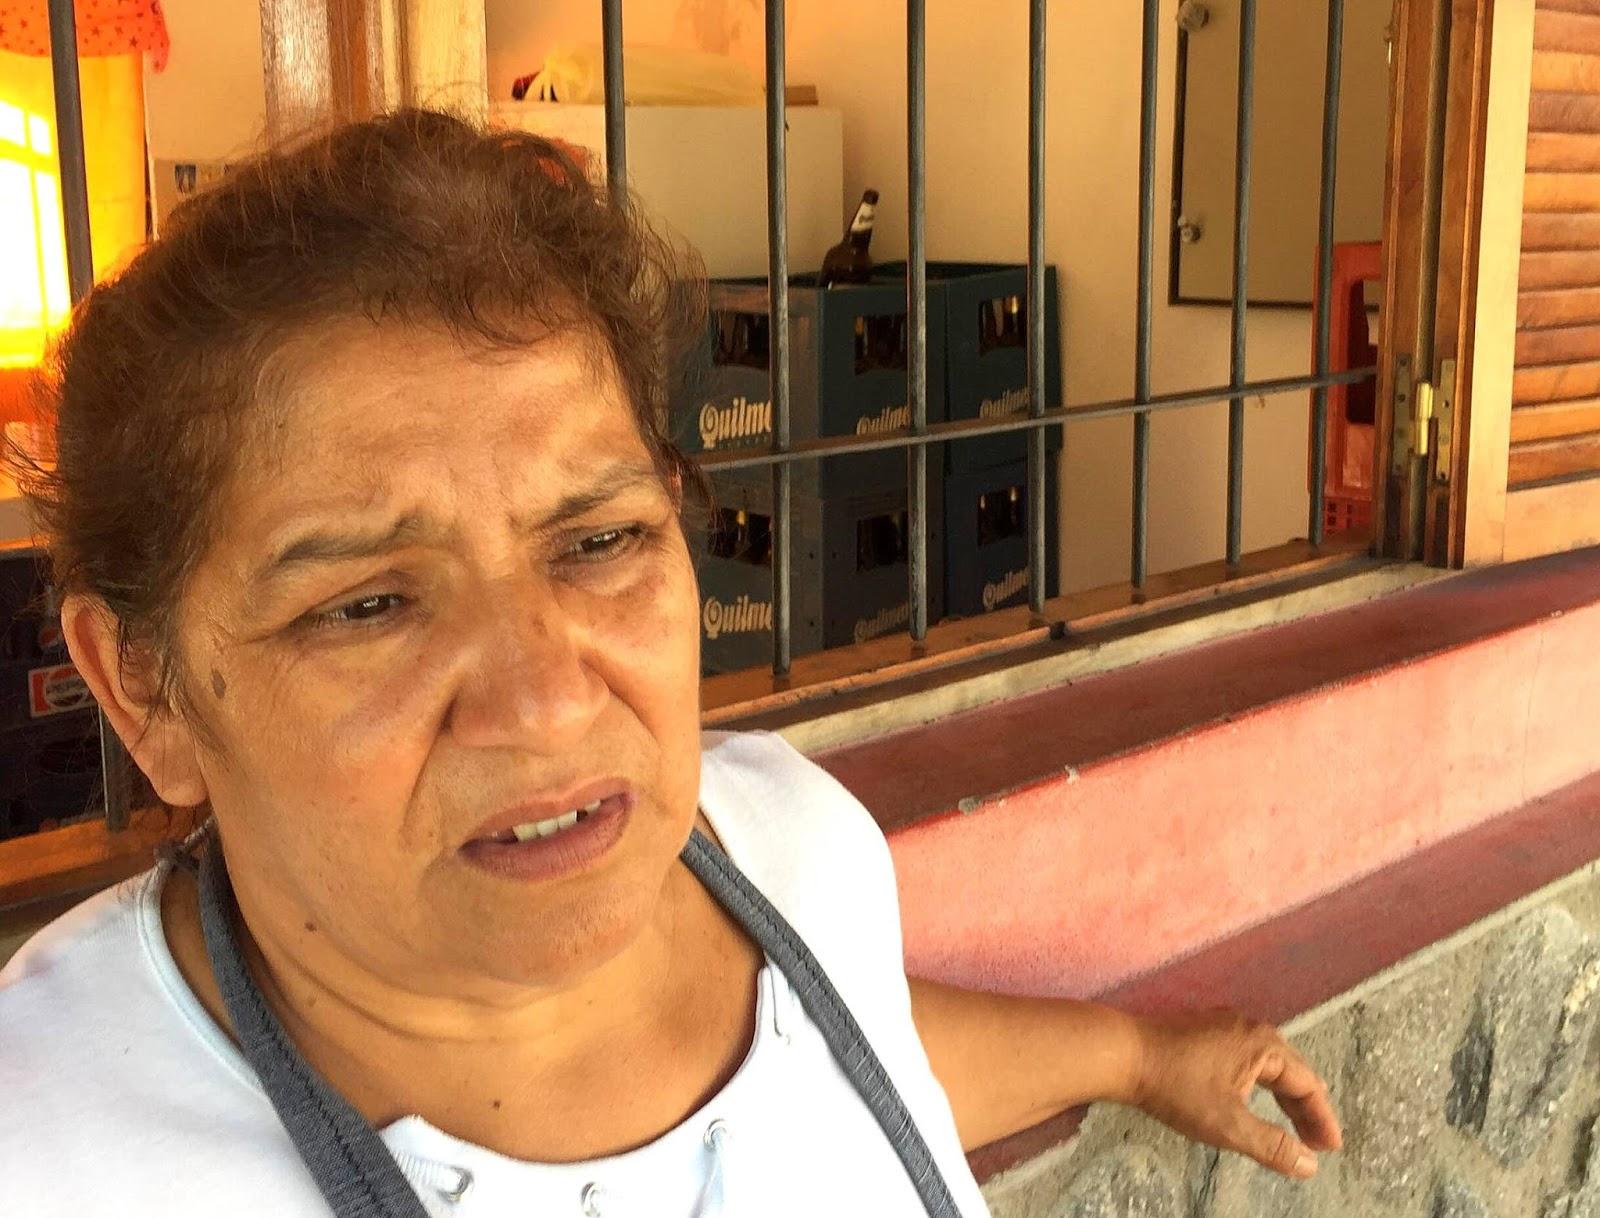 Mujeres buscando hombres en peñarroya-pueblonuevo